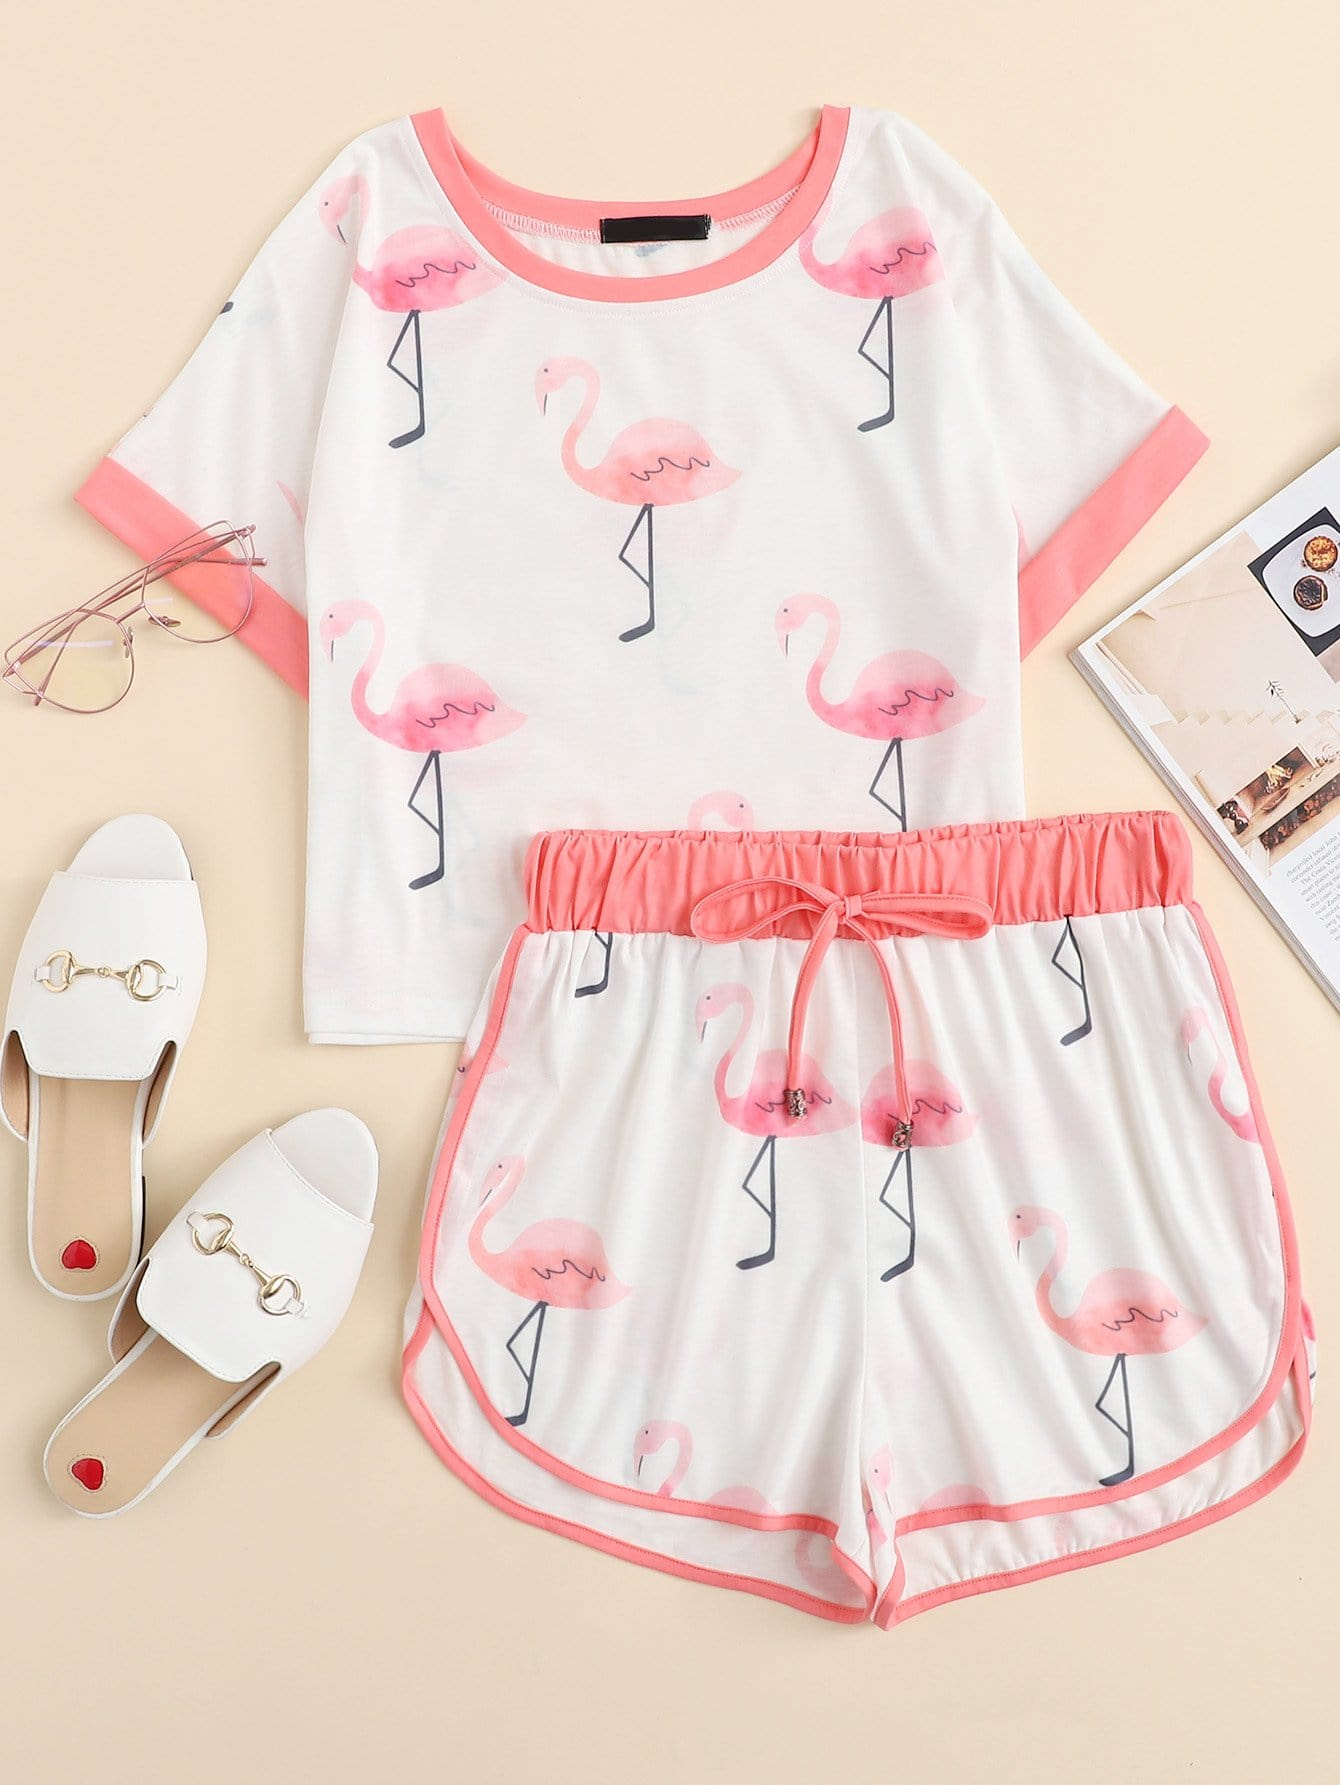 Купить Комплект футболка с принтом фламинго и шорты, null, SheIn